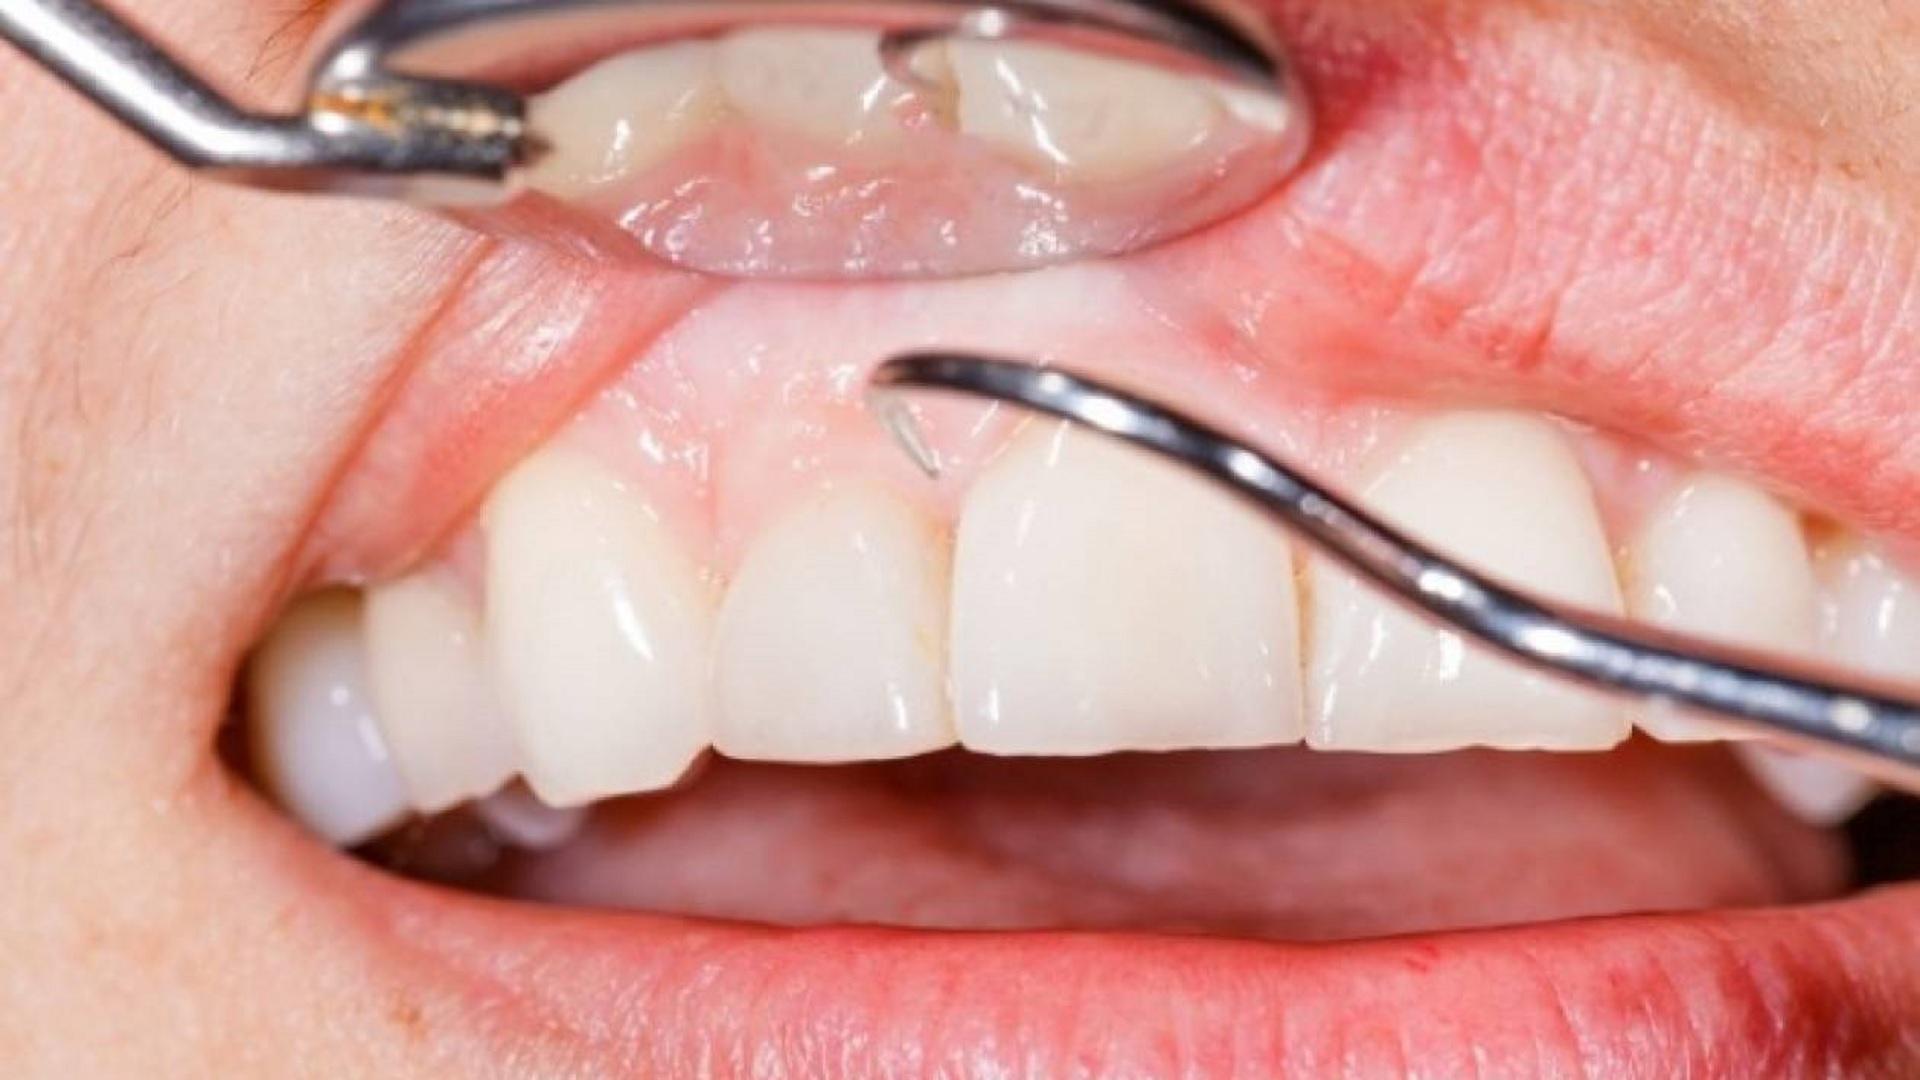 Καρκίνος διάγνωση στόμα: Η ουλίτιδα αυξάνει τον κίνδυνο